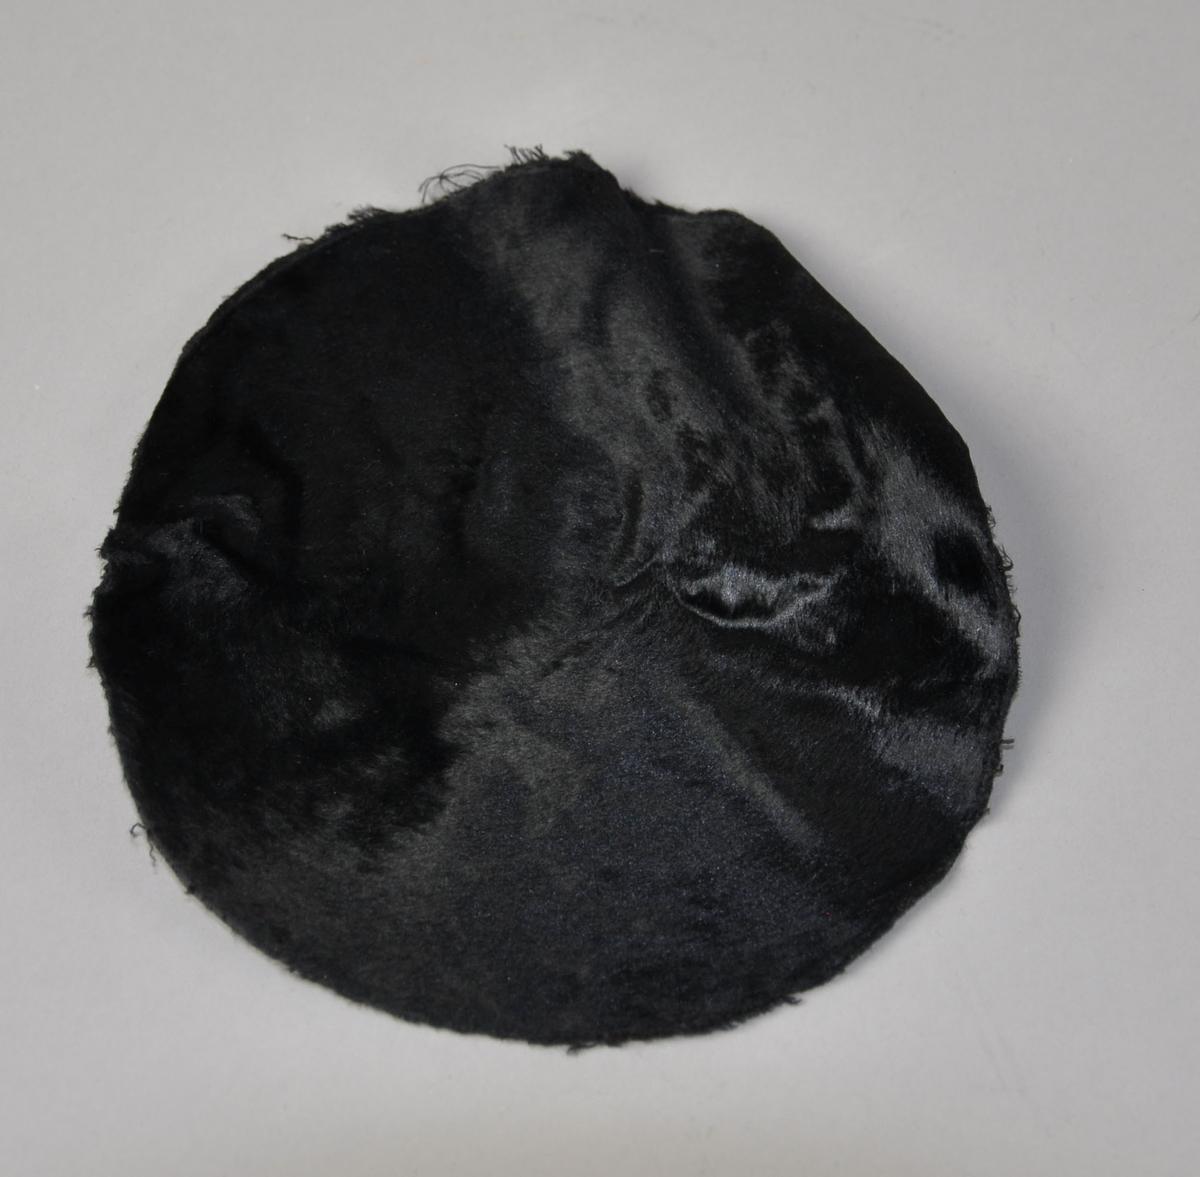 Rundt utsnitt av svart skinn / pels til flosshatt. Utsnittet er til toppen av pullen.